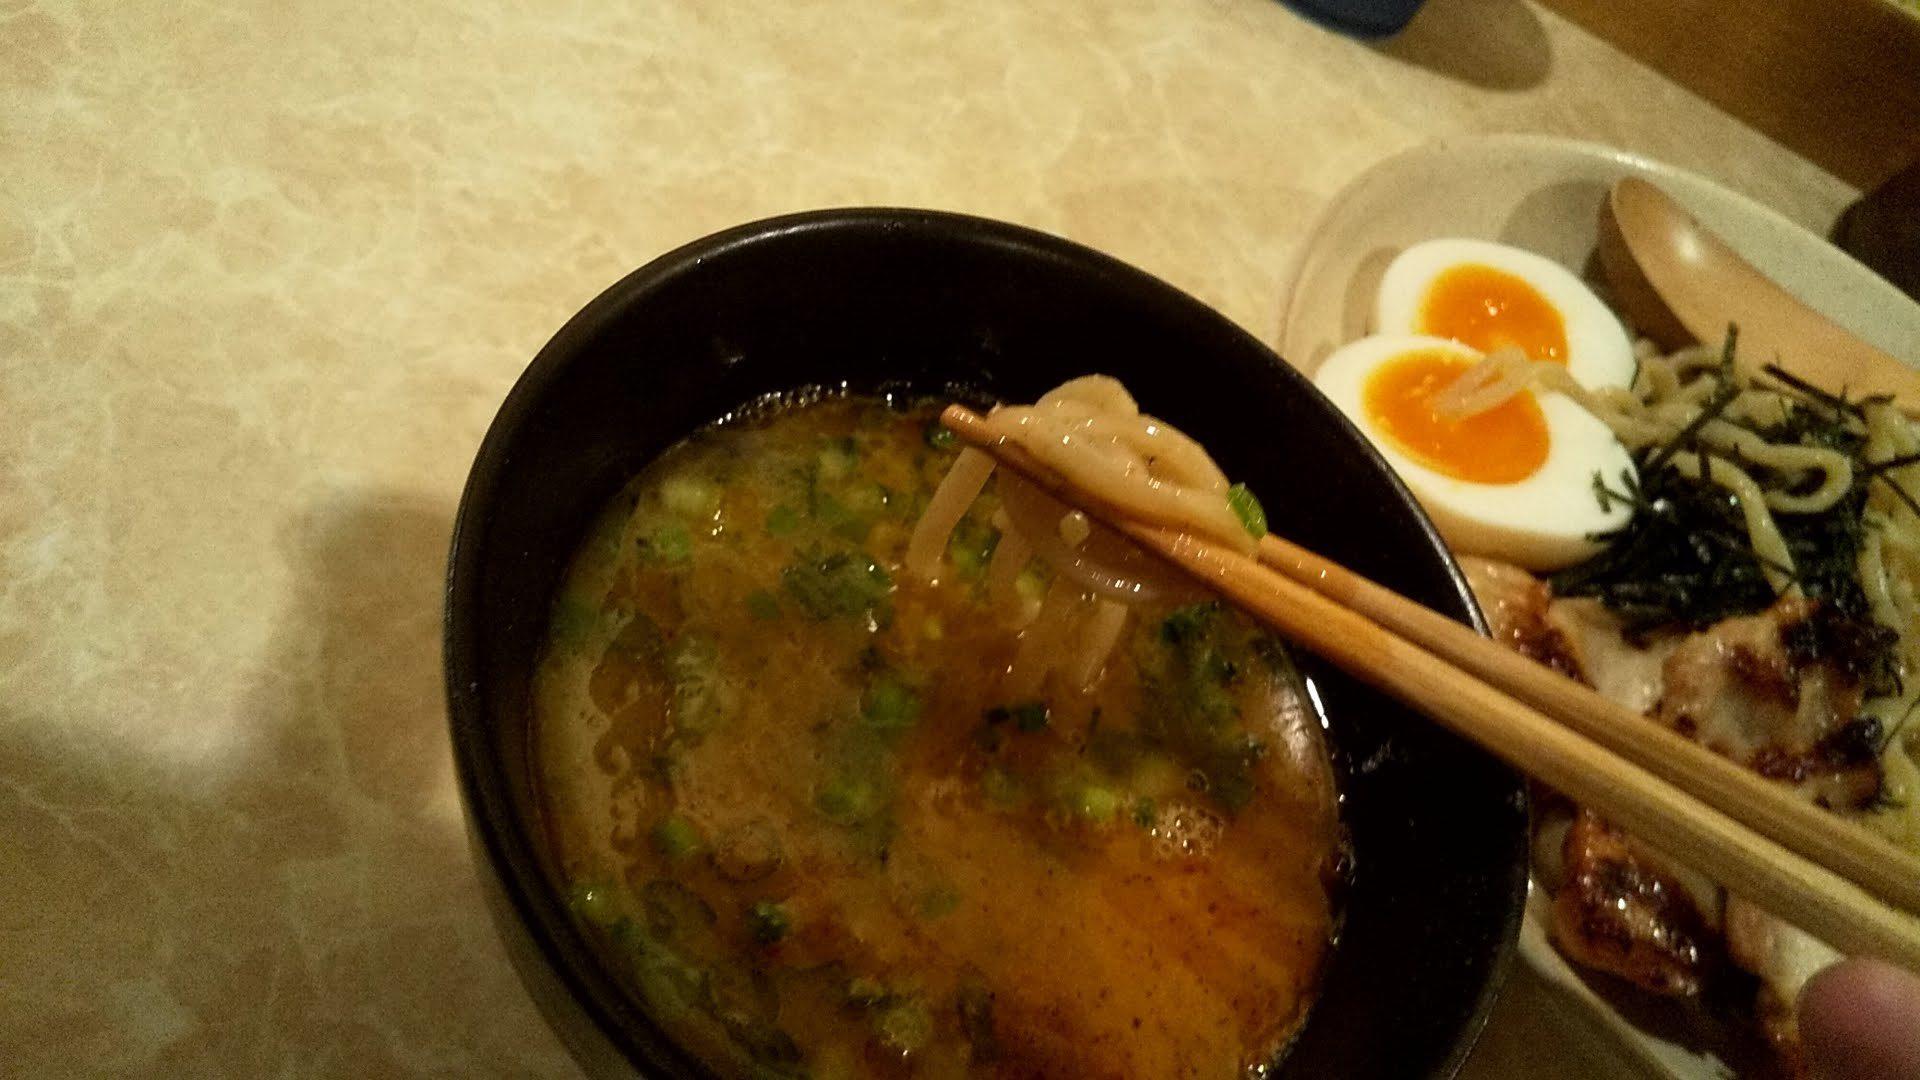 ラーメンTHANK大門店のスペシャルつけ麺の麺リフト